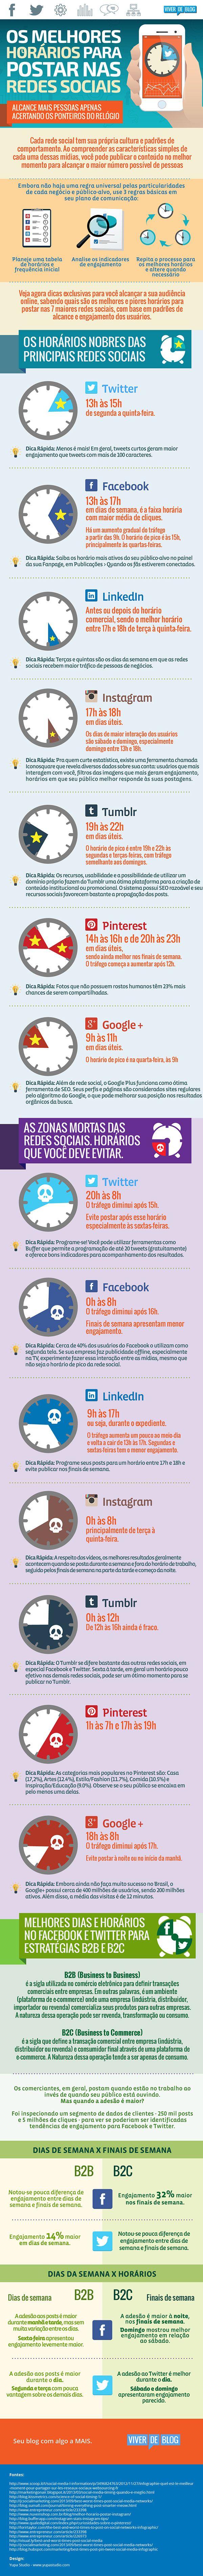 VdB HoraSocialMedia600px Infográfico: Os melhores horários para publicar nas redes sociais